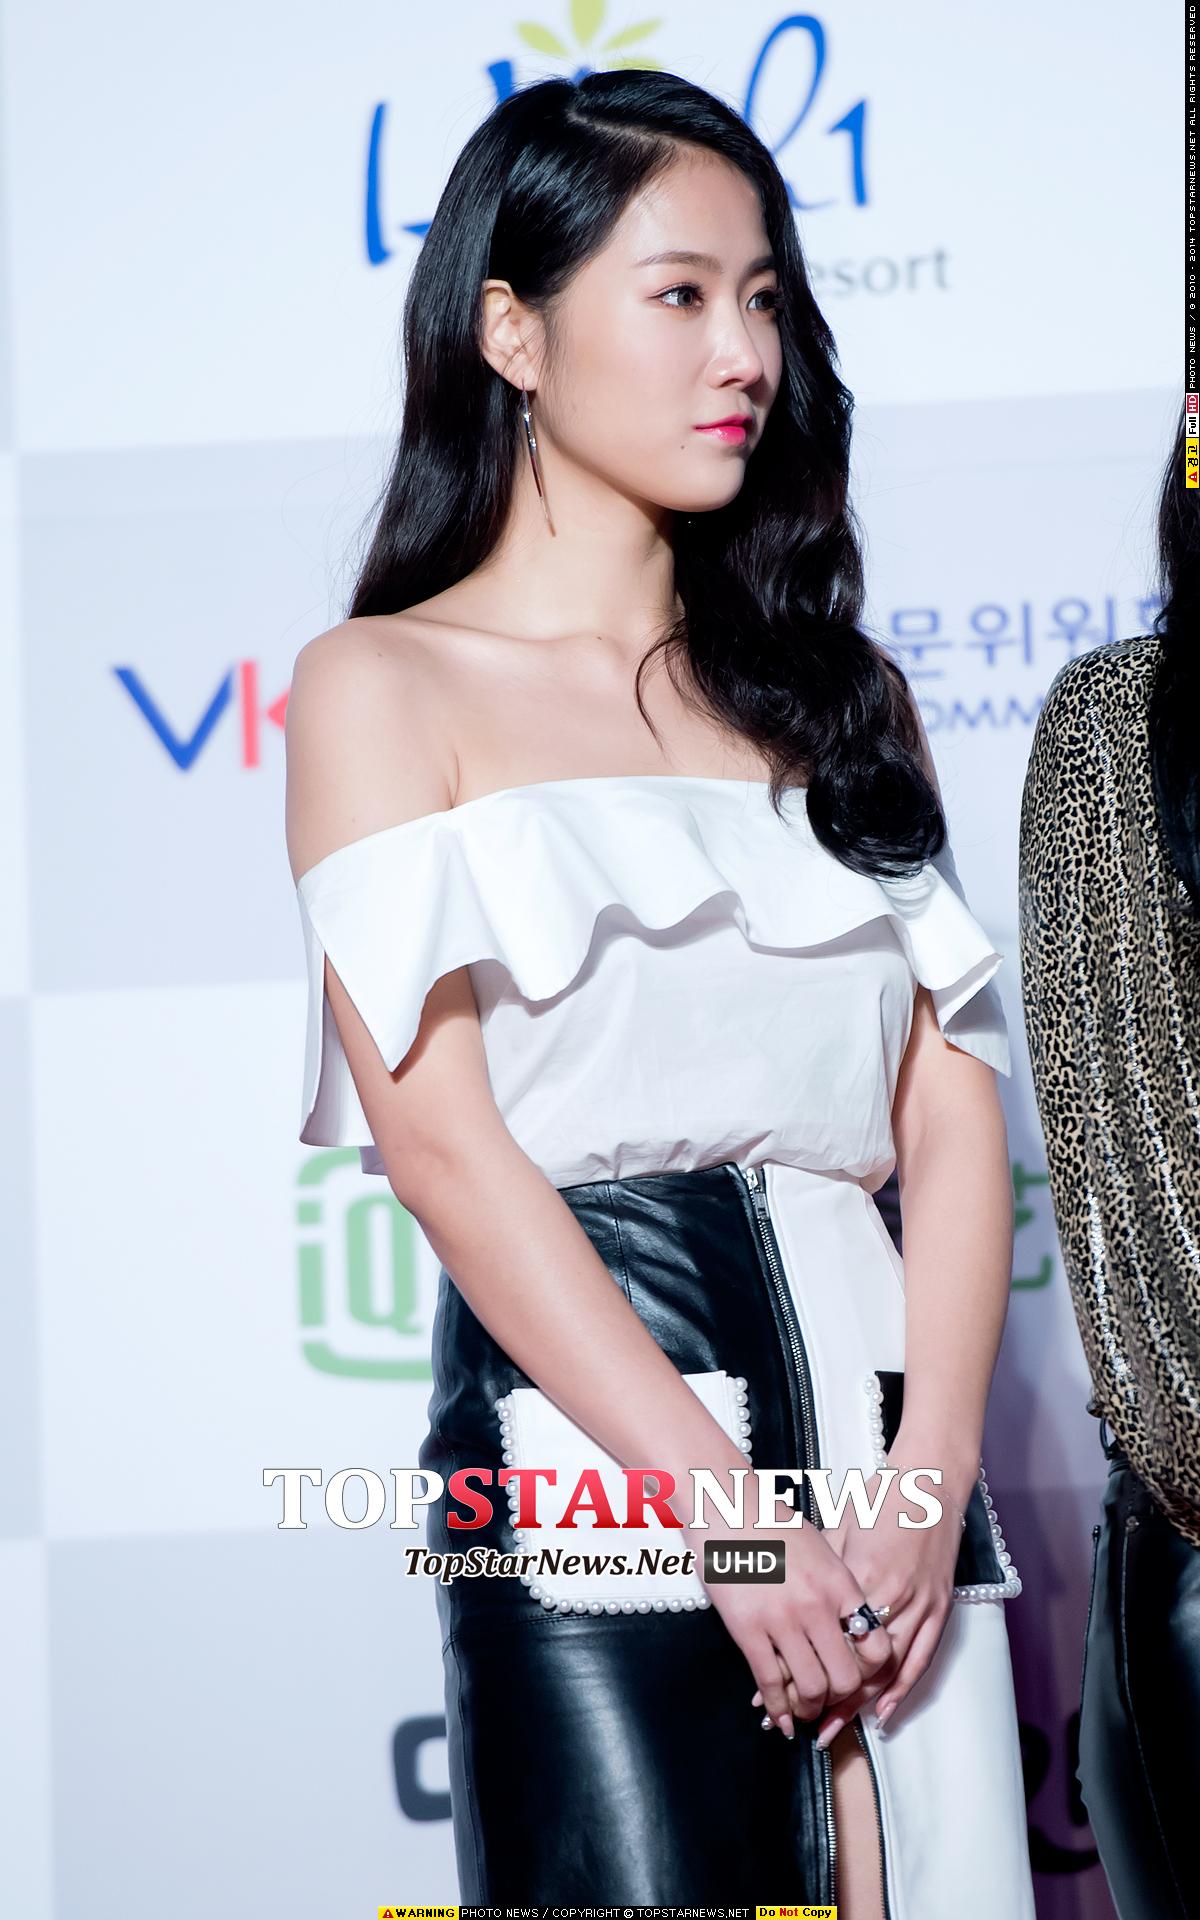 除了雪炫和Joy以外,Sistar的韶宥和多絮近期也受到許多韓國網友的輿論攻擊…